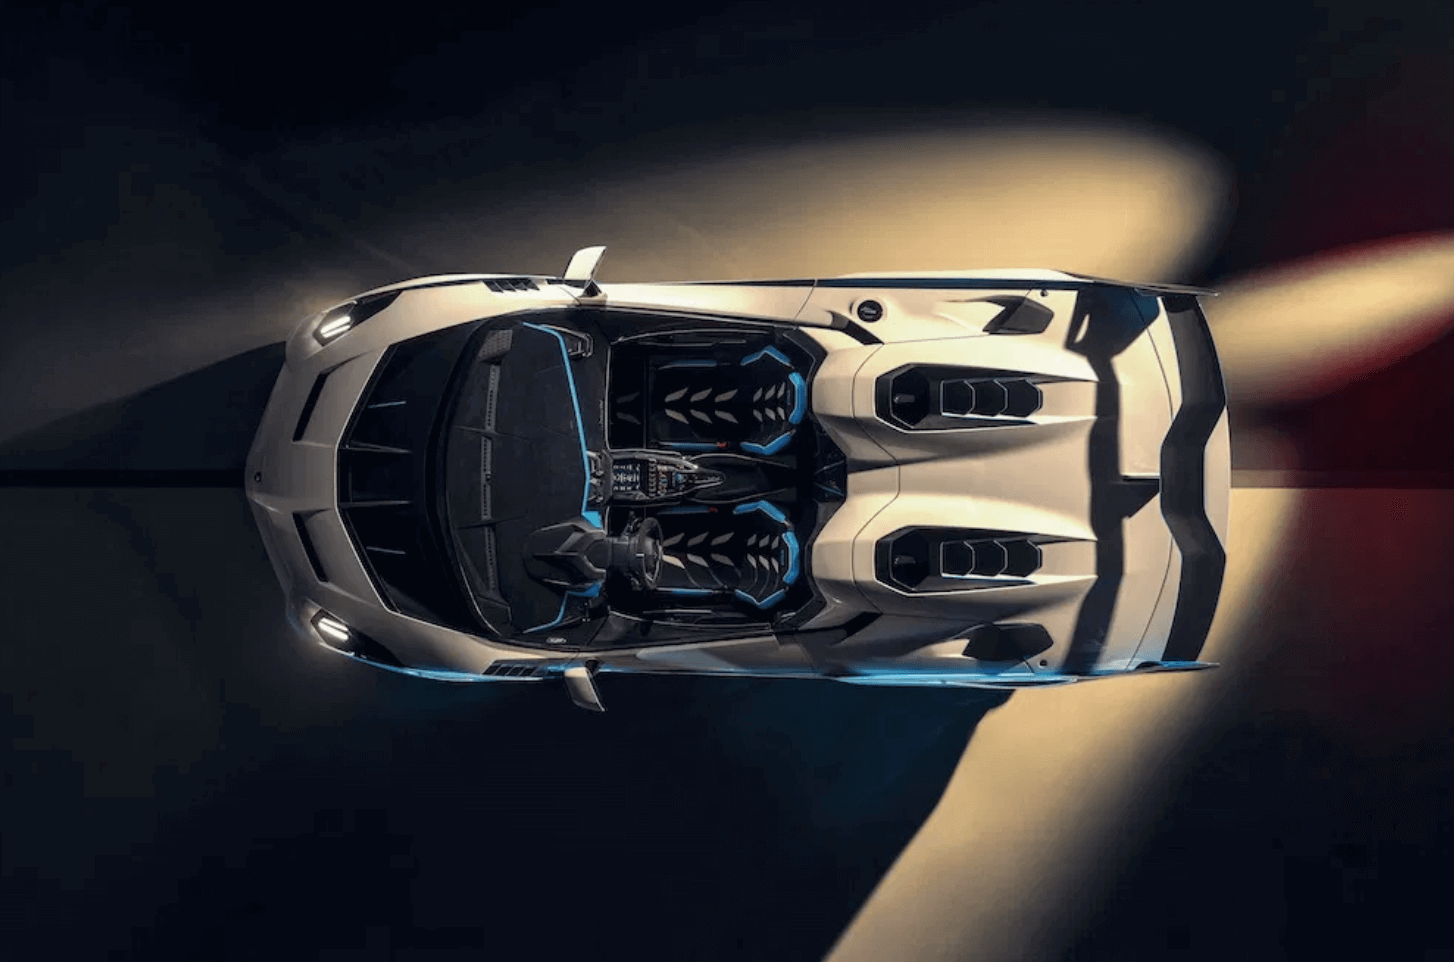 Lamborghini Squadra Corse sc20 iç tasarım